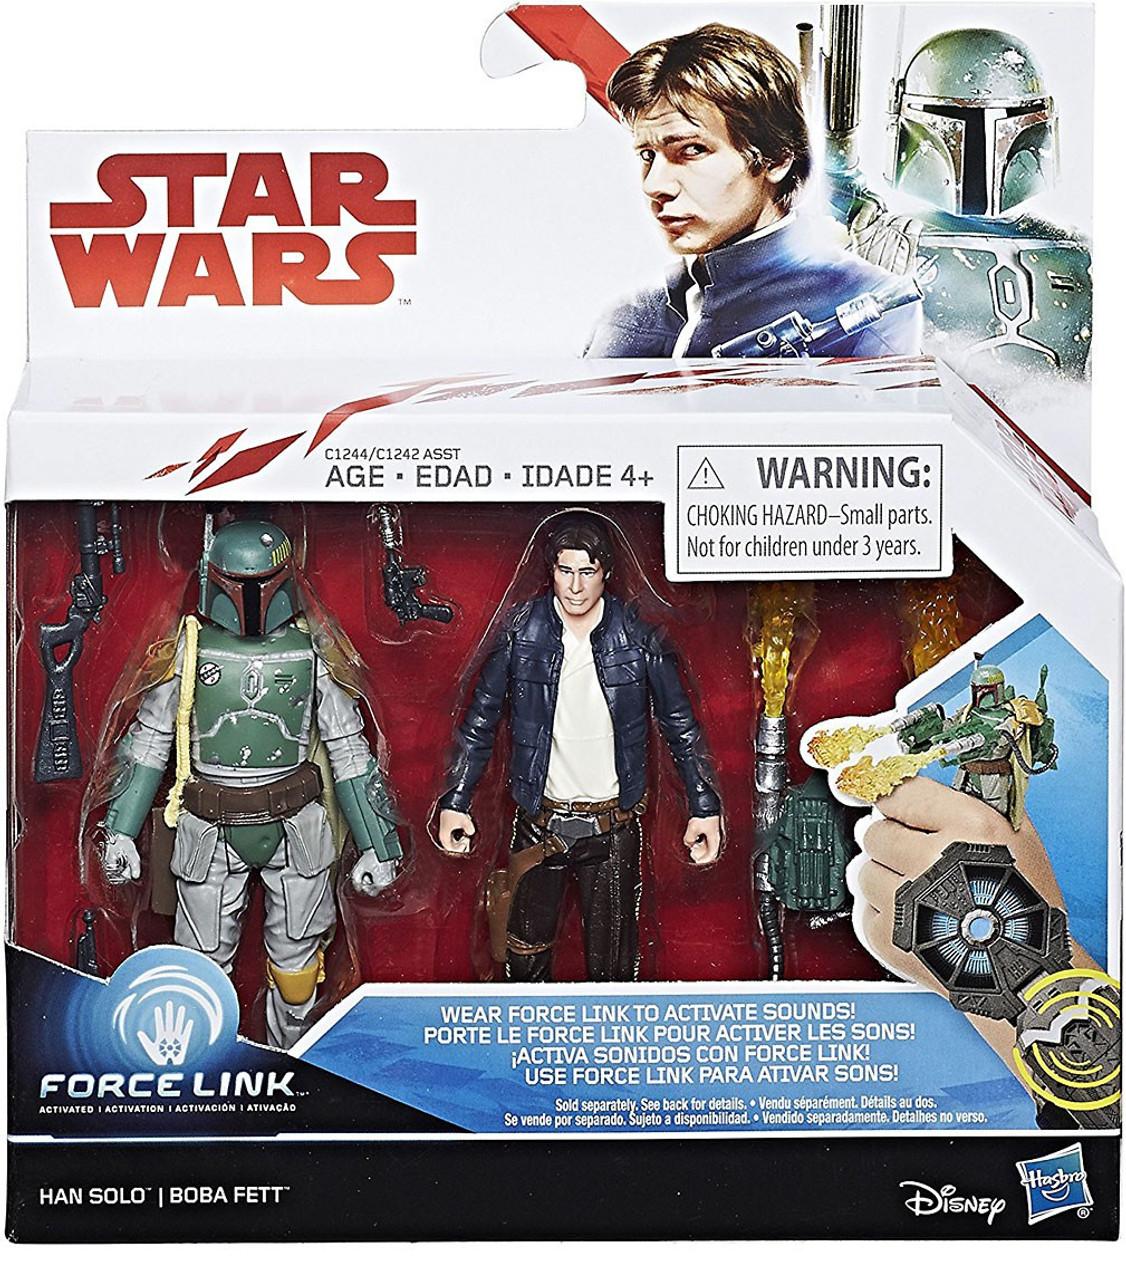 Star Wars Black Series Titanium /& Force Link Lot Brand New